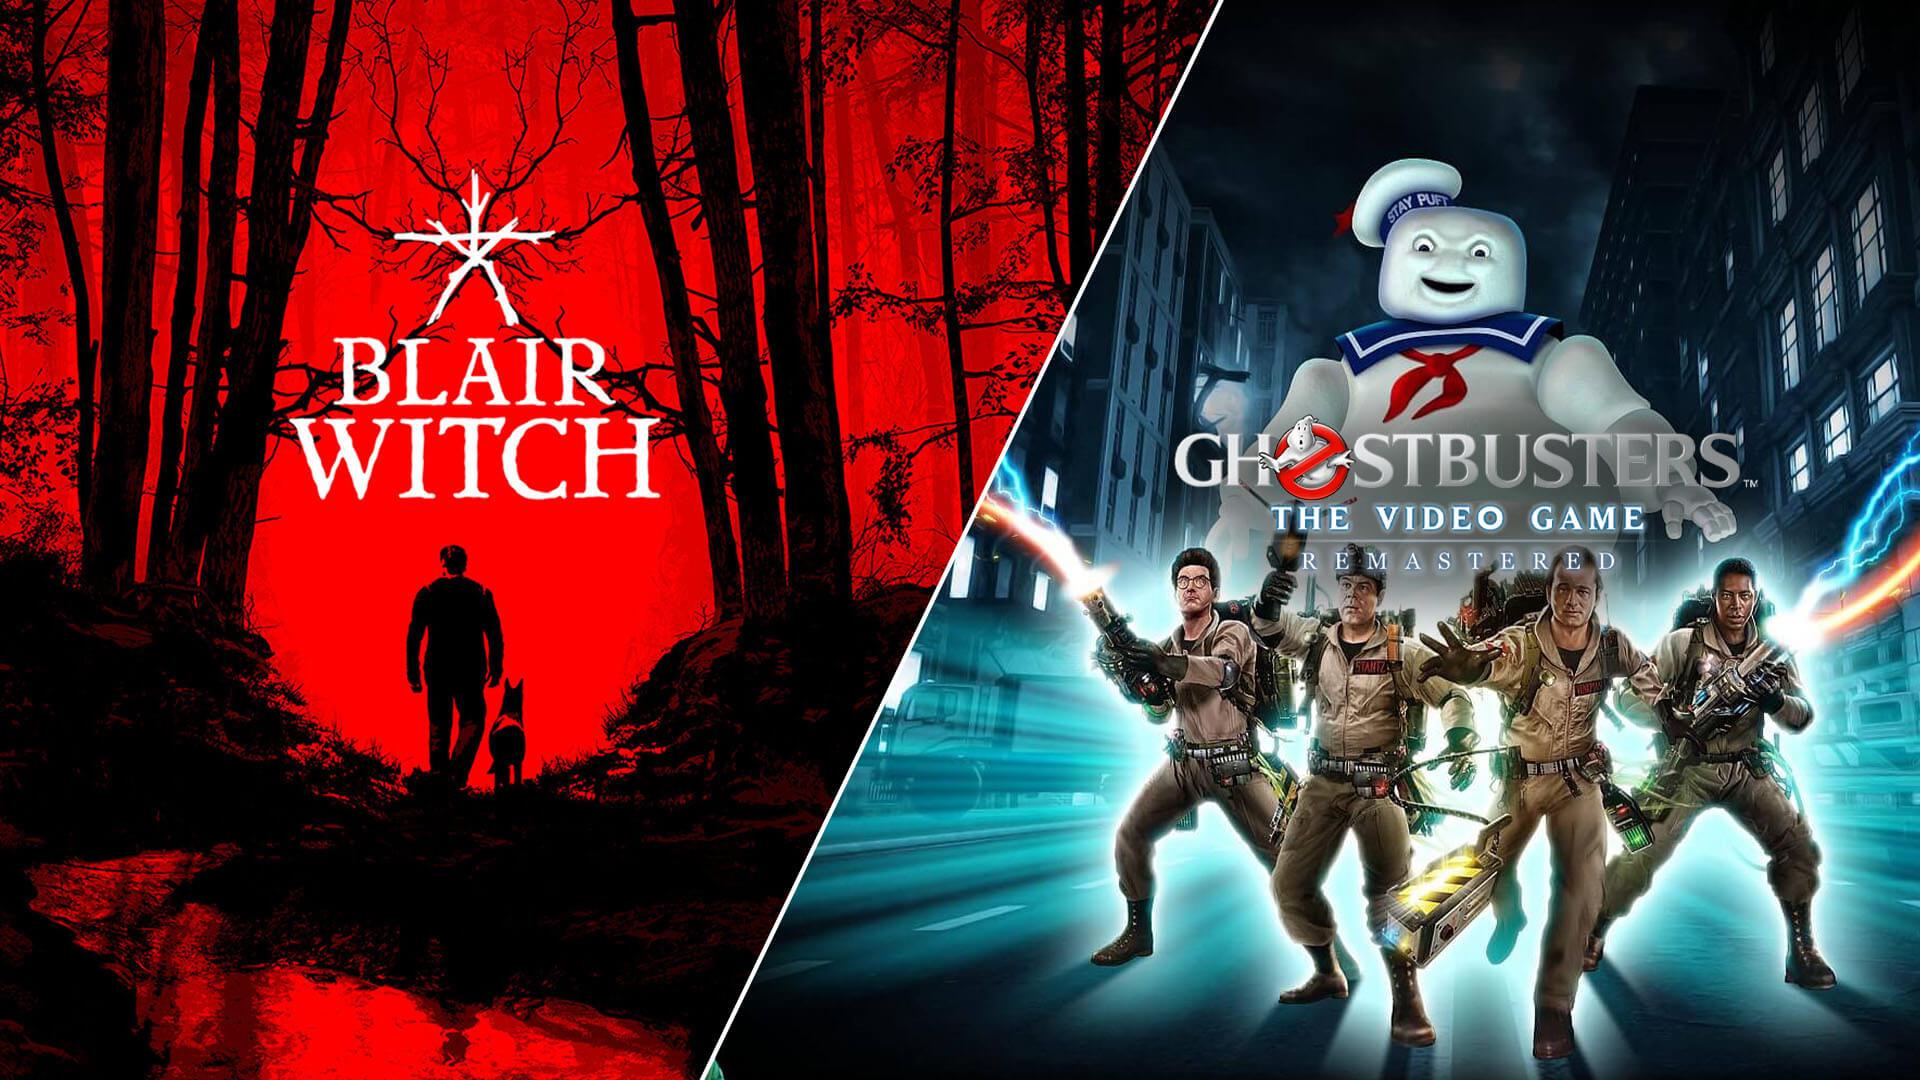 合計5,660円→無料!Epic Gamesストアでサイコホラー「Blair Witch」とゴーストバスターズファンなら必携の「Ghostbusters:The Video Game Remastered」が無料配布中!